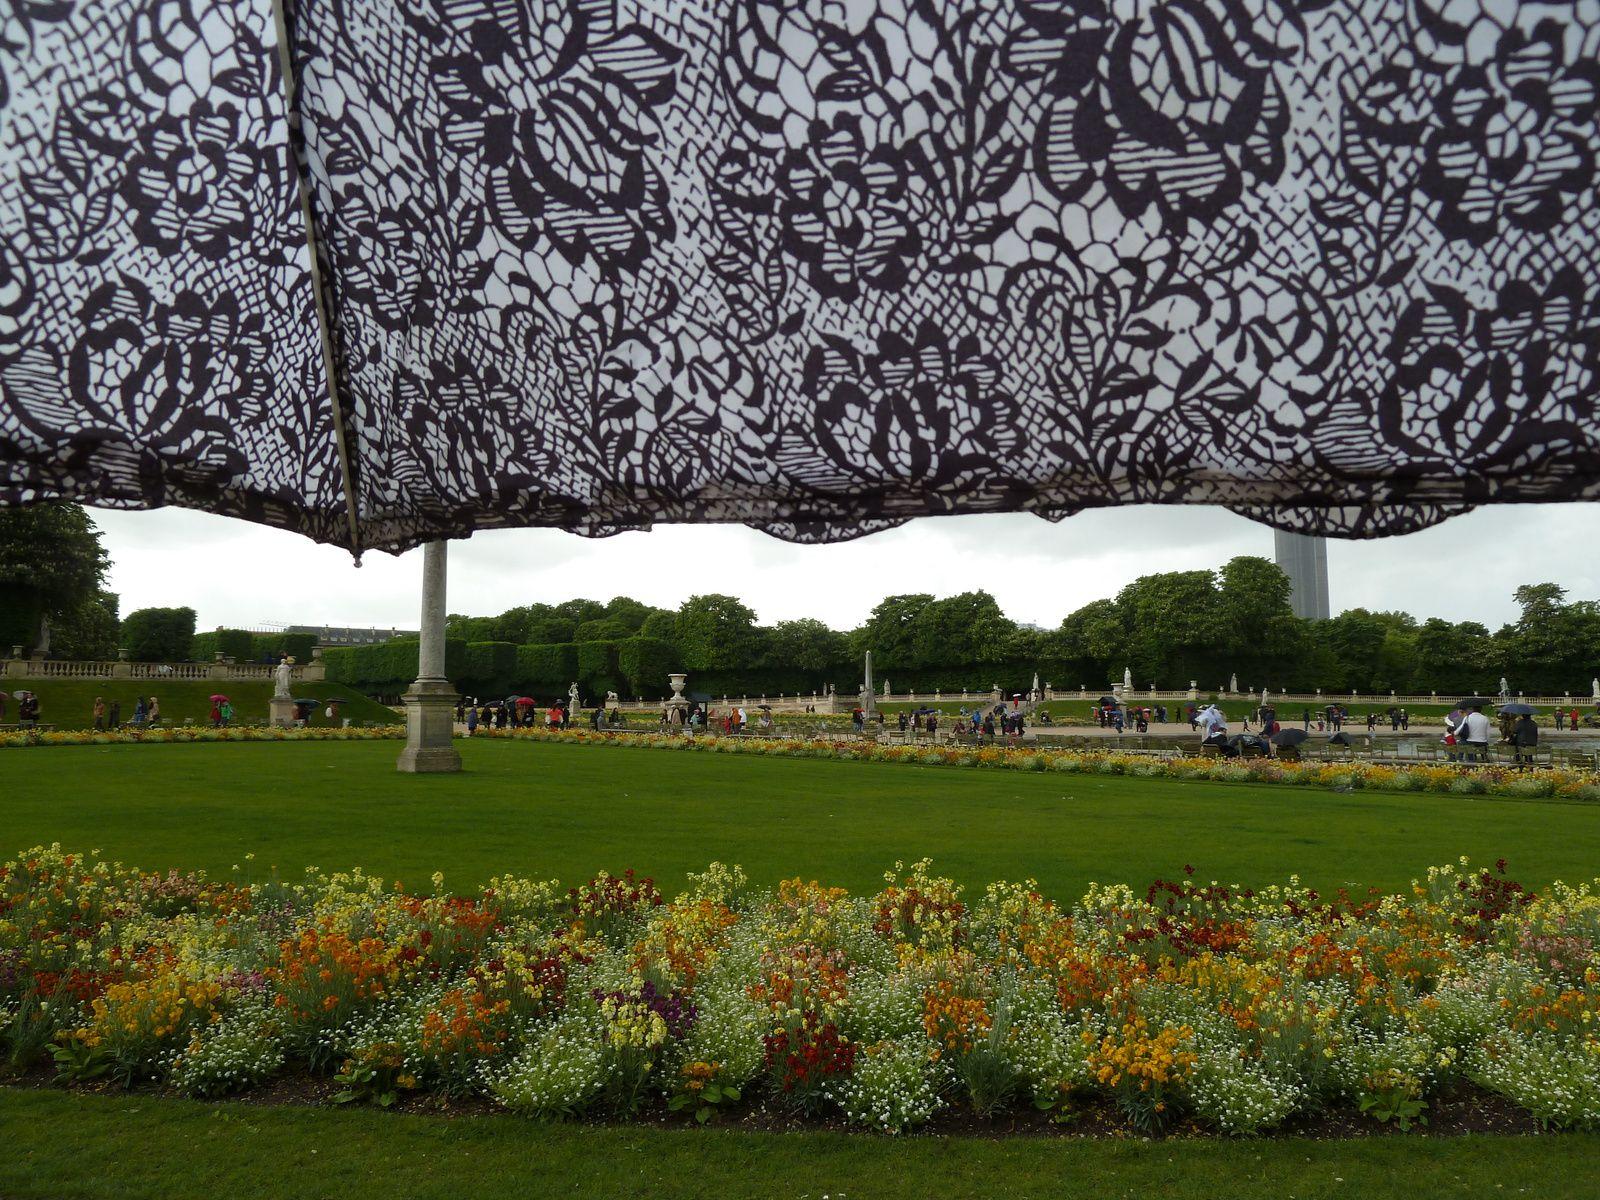 Une petite pluie fine n'empêche pas les dames de profiter de la beauté des jardins.